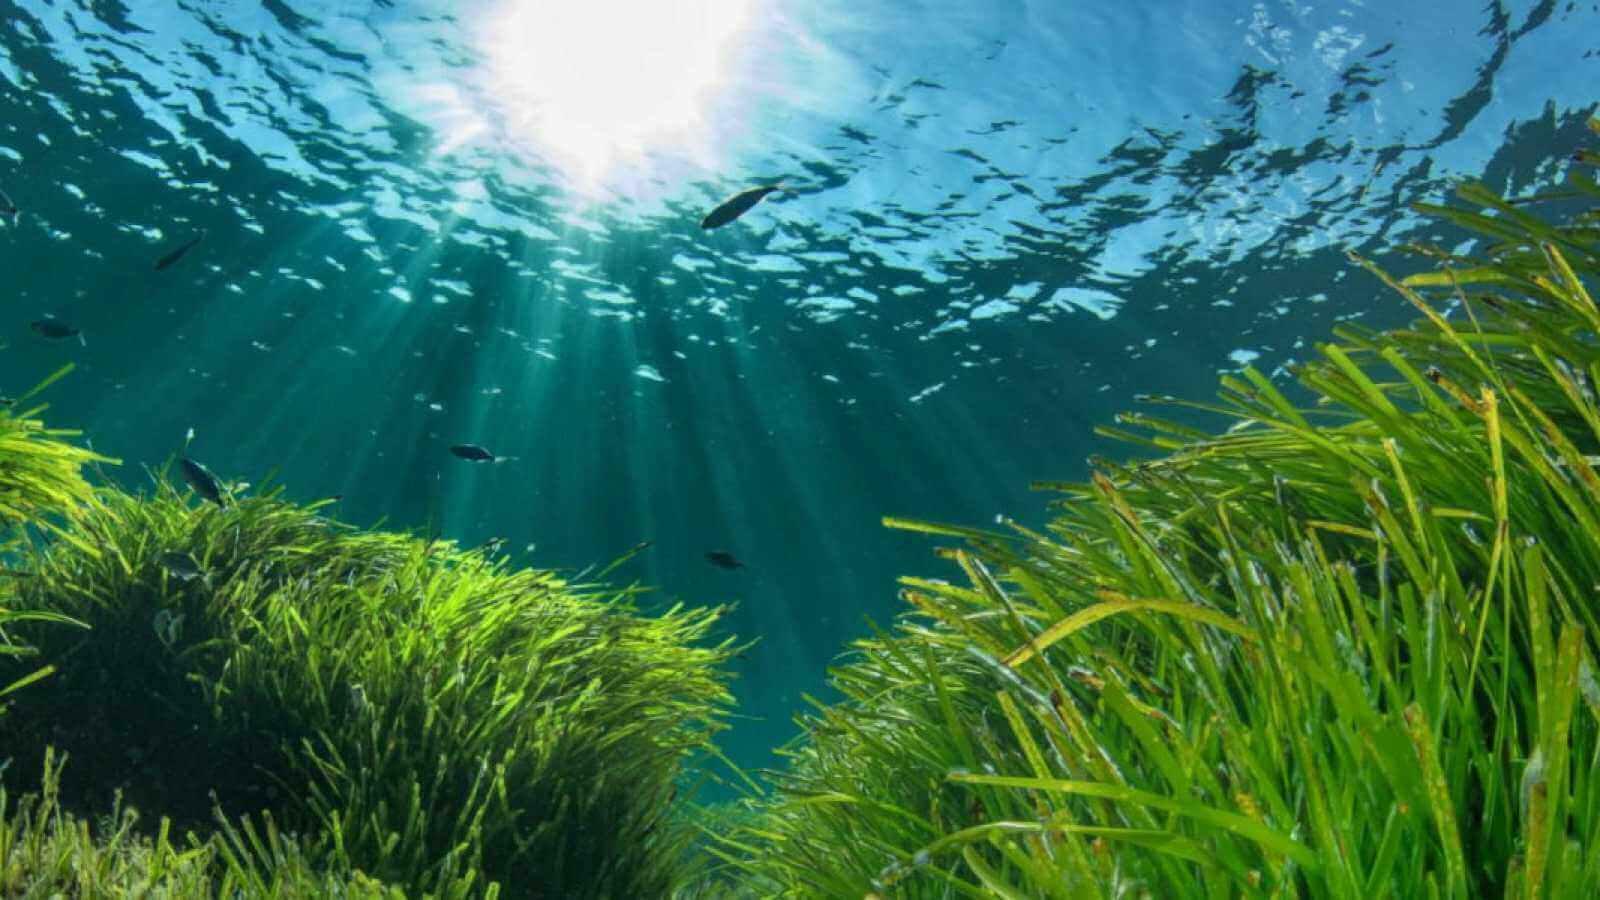 Como funcionam as reservas marinhas?